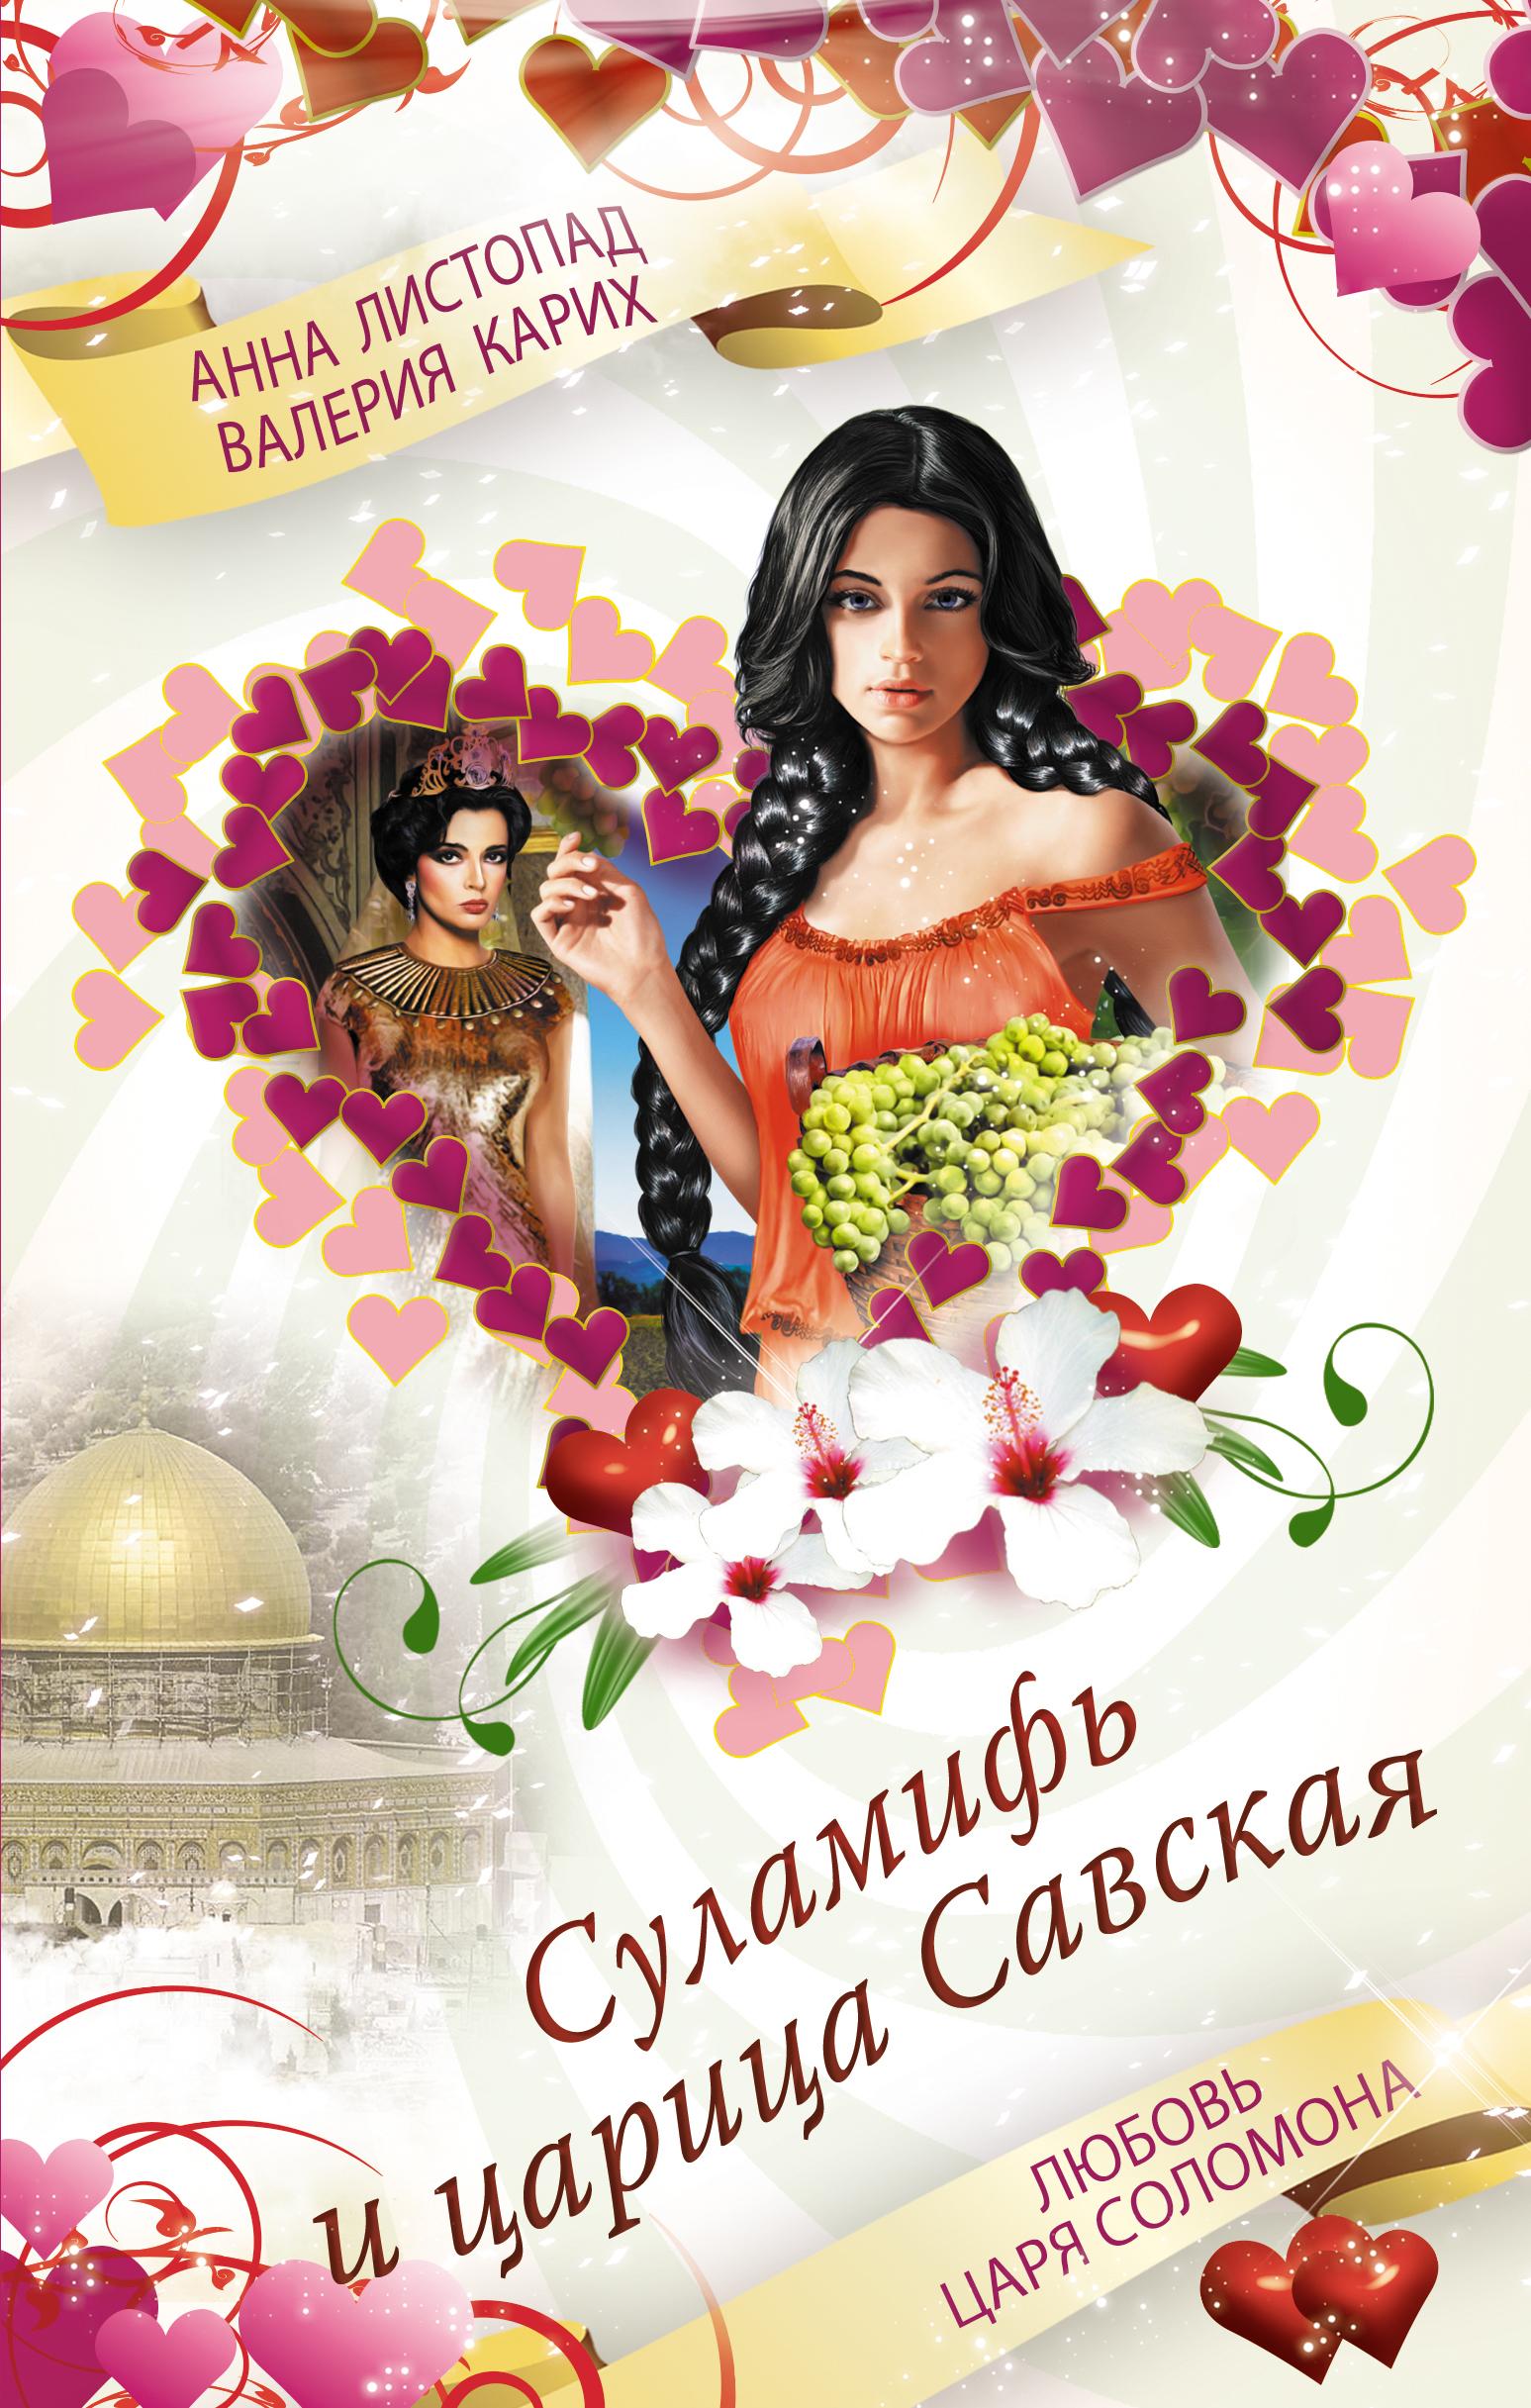 Анна Листопад, Валерия Карих